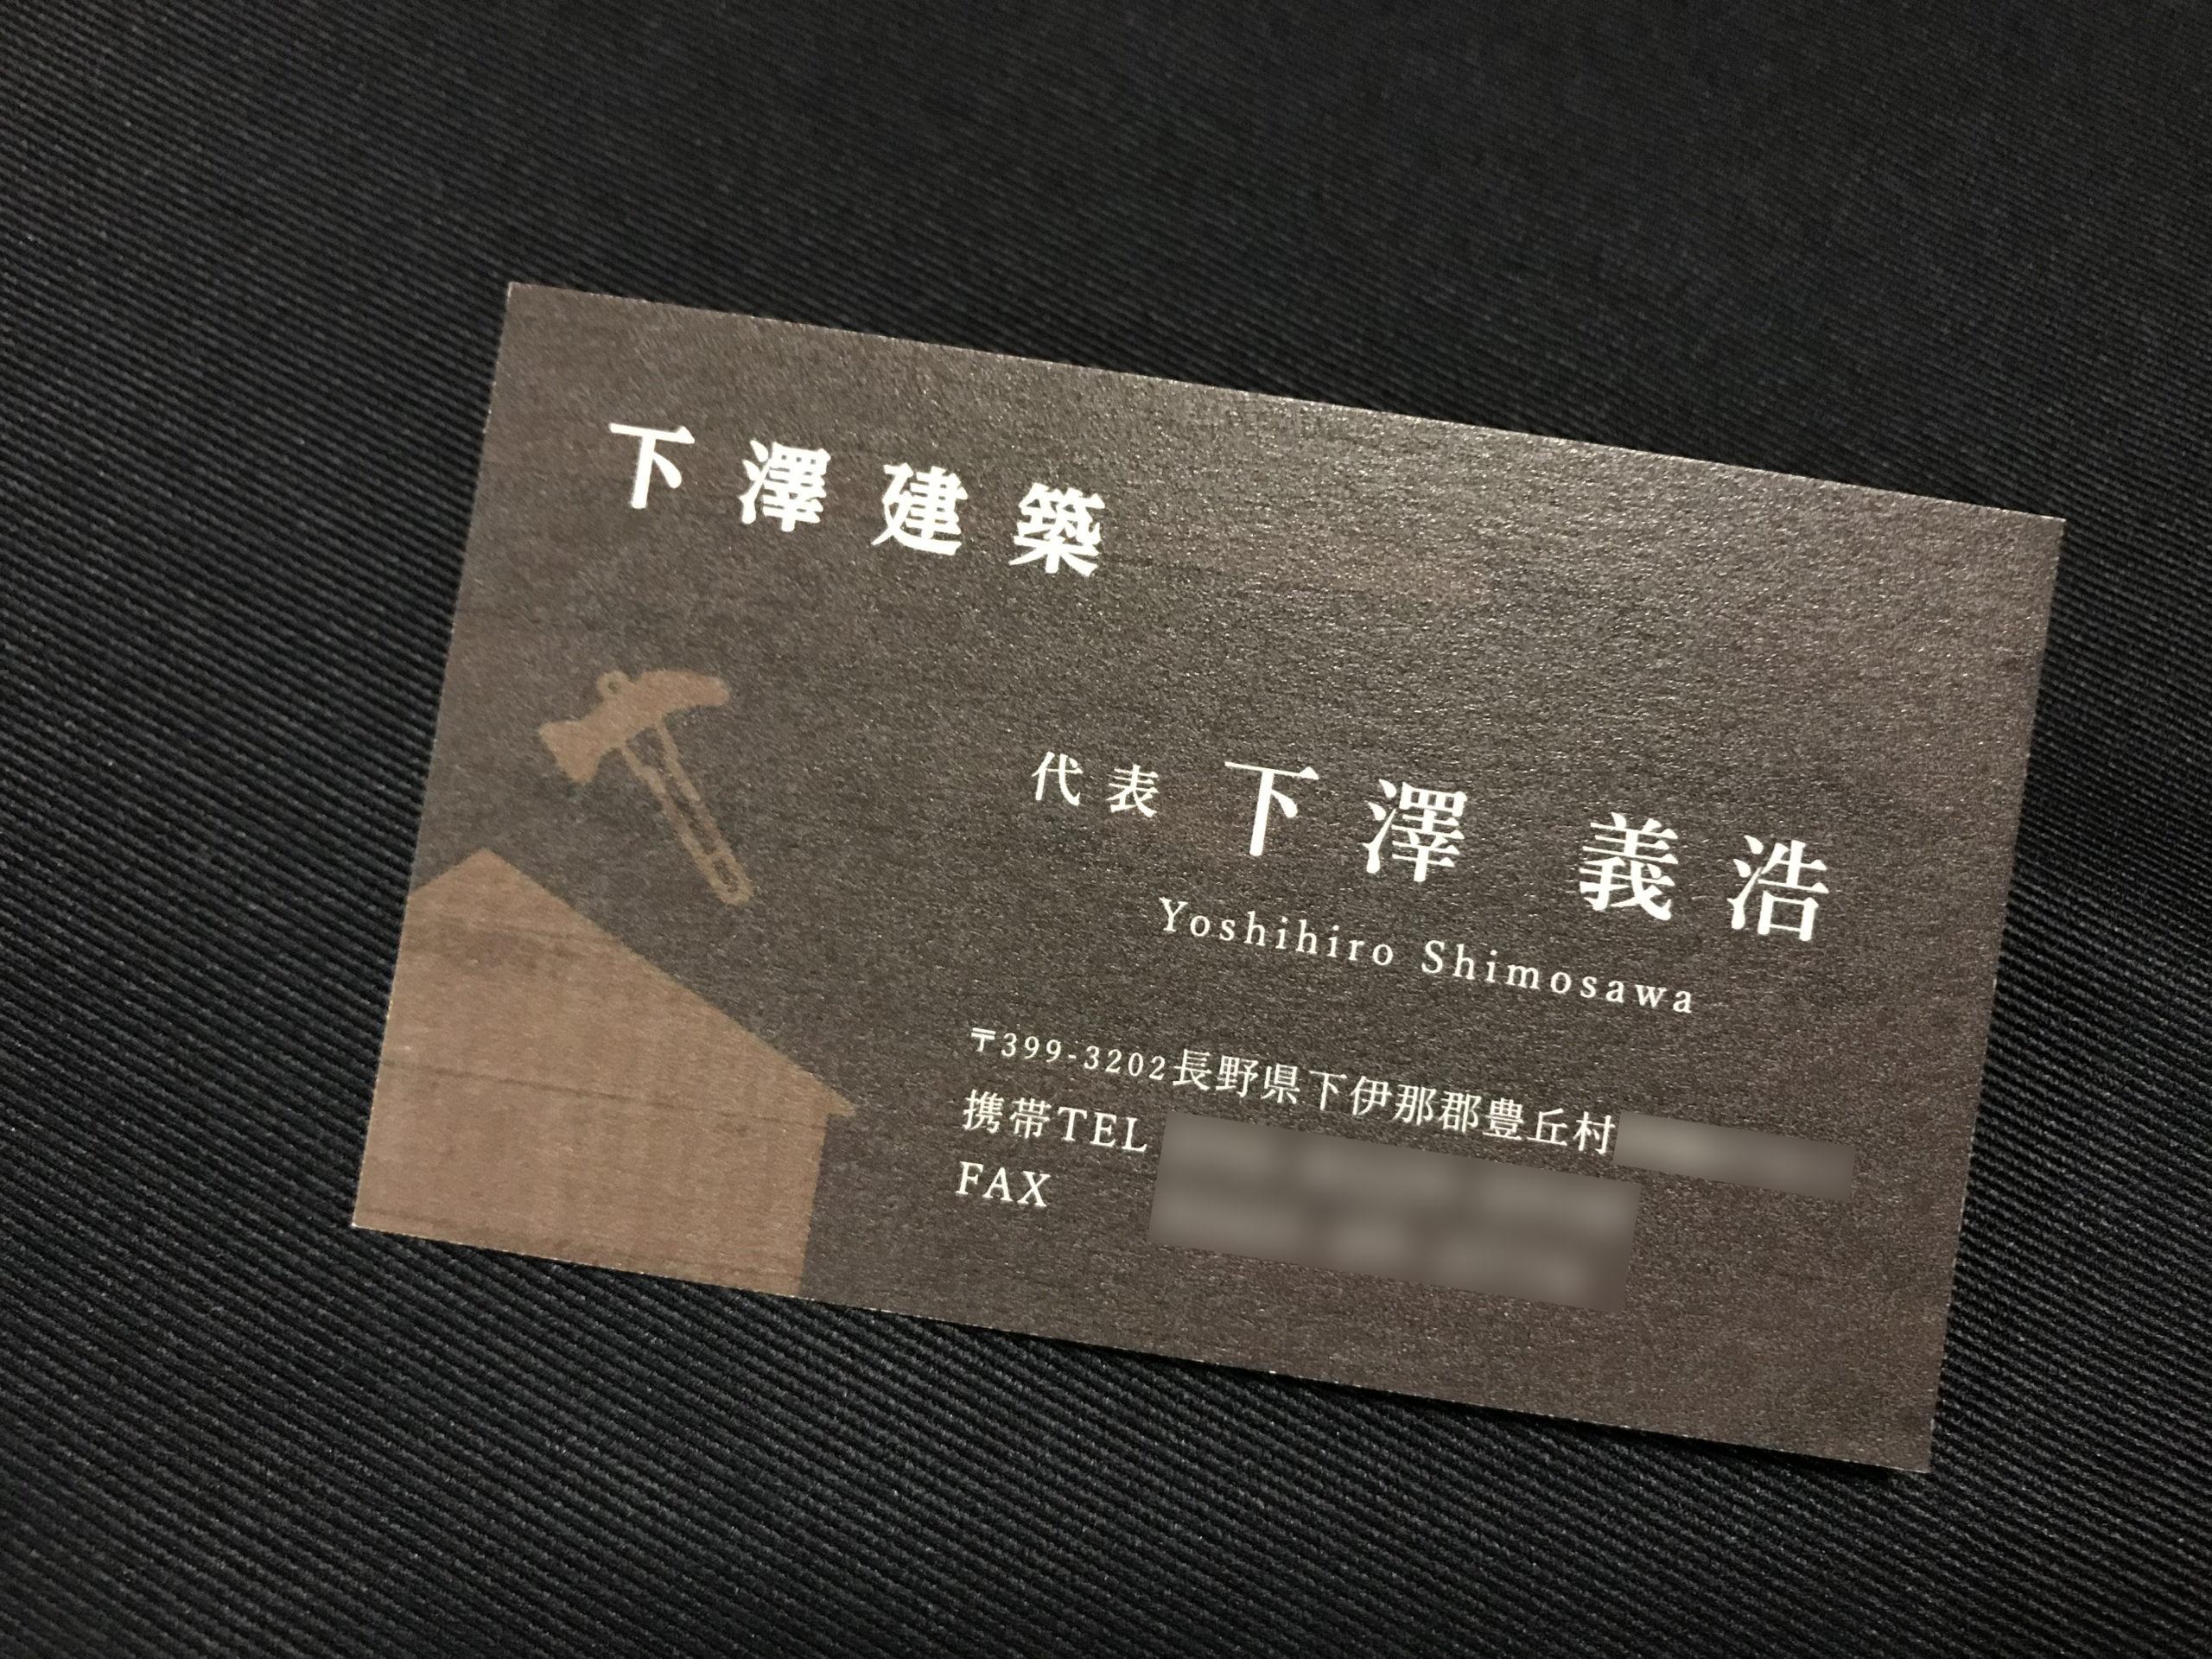 飯田市 名刺制作